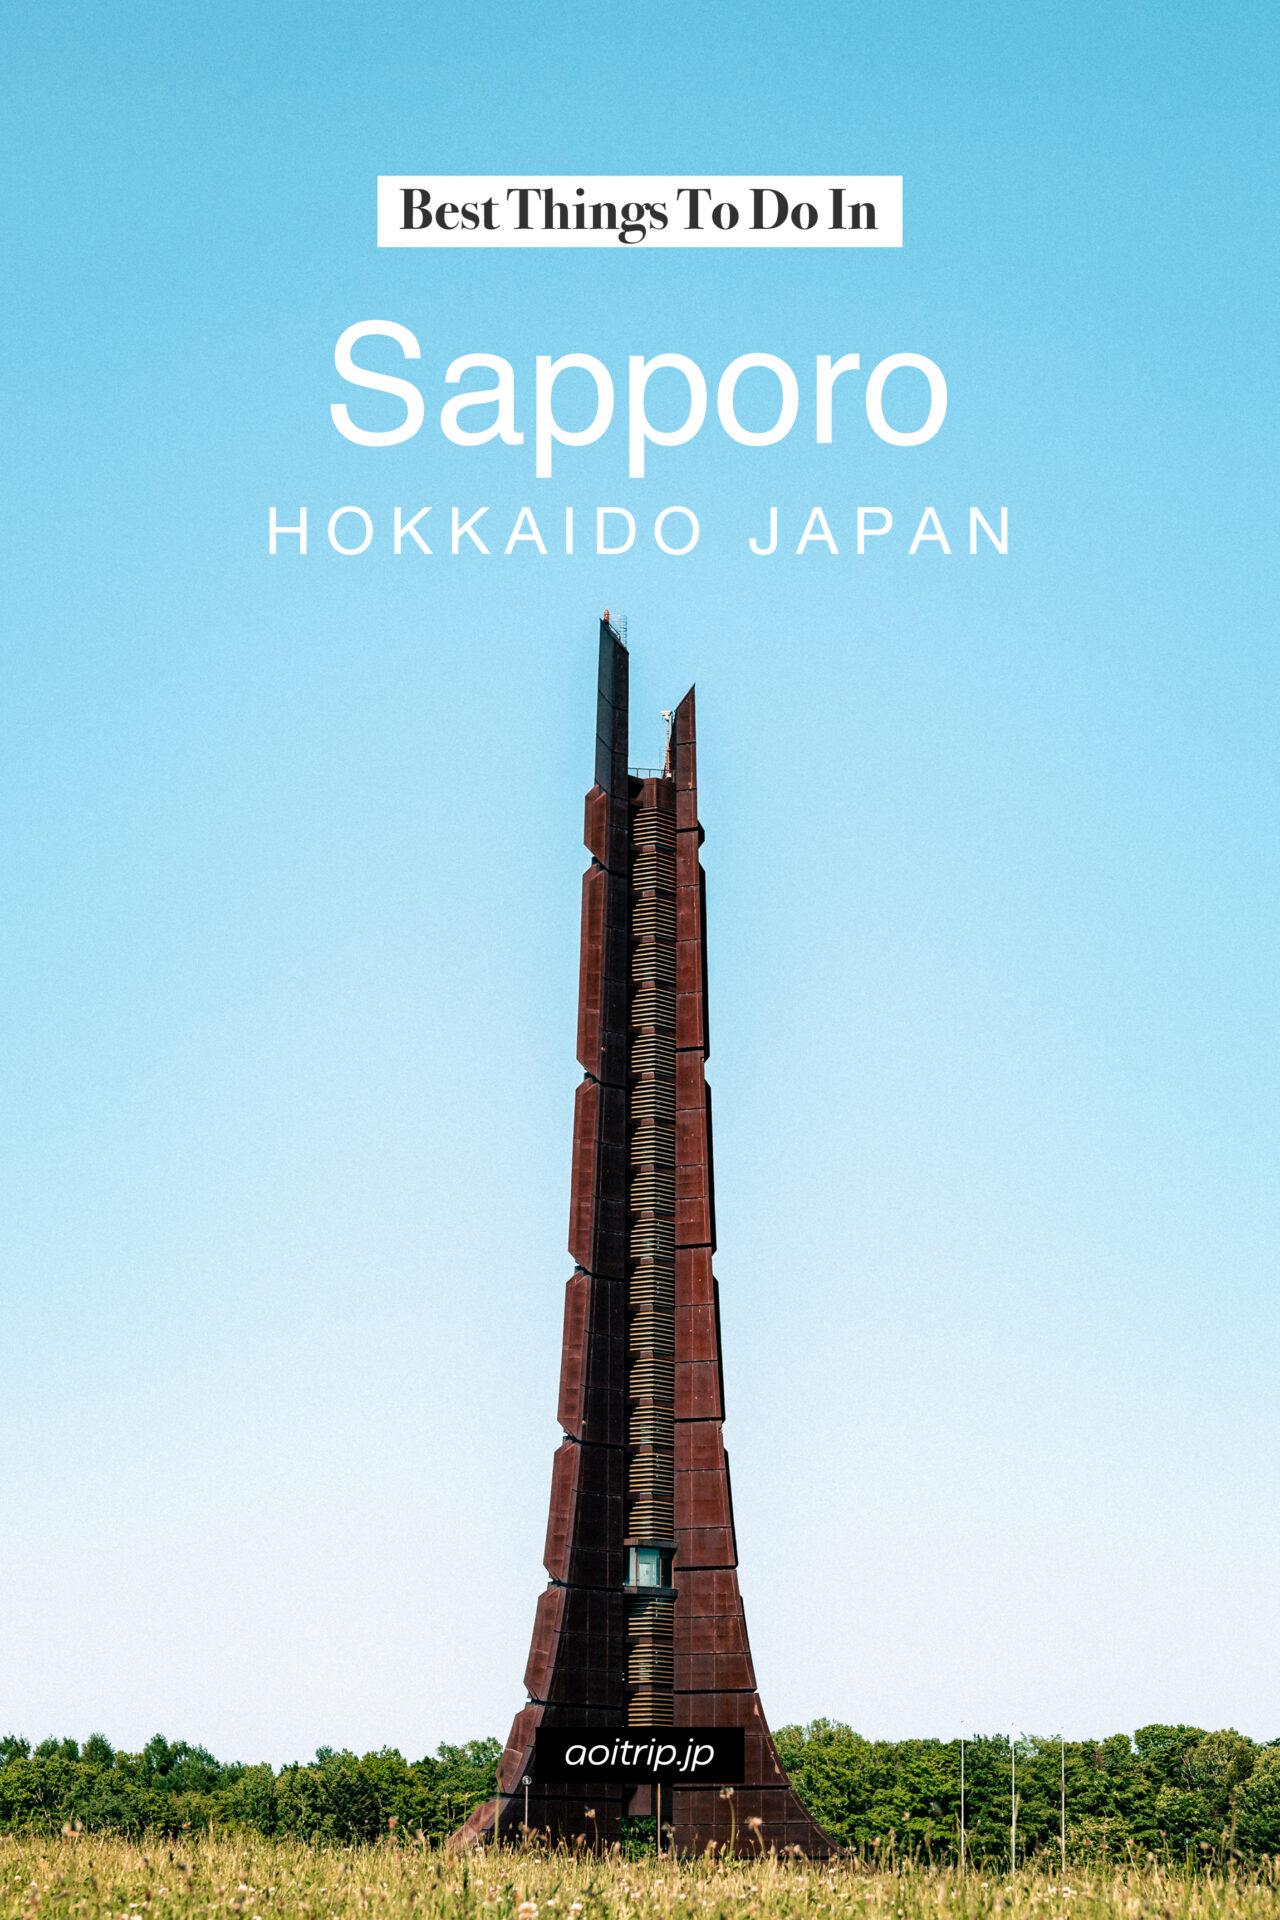 北海道 札幌旅行のインデックス Exploring Sapporo, Hokkaido Travel Guide